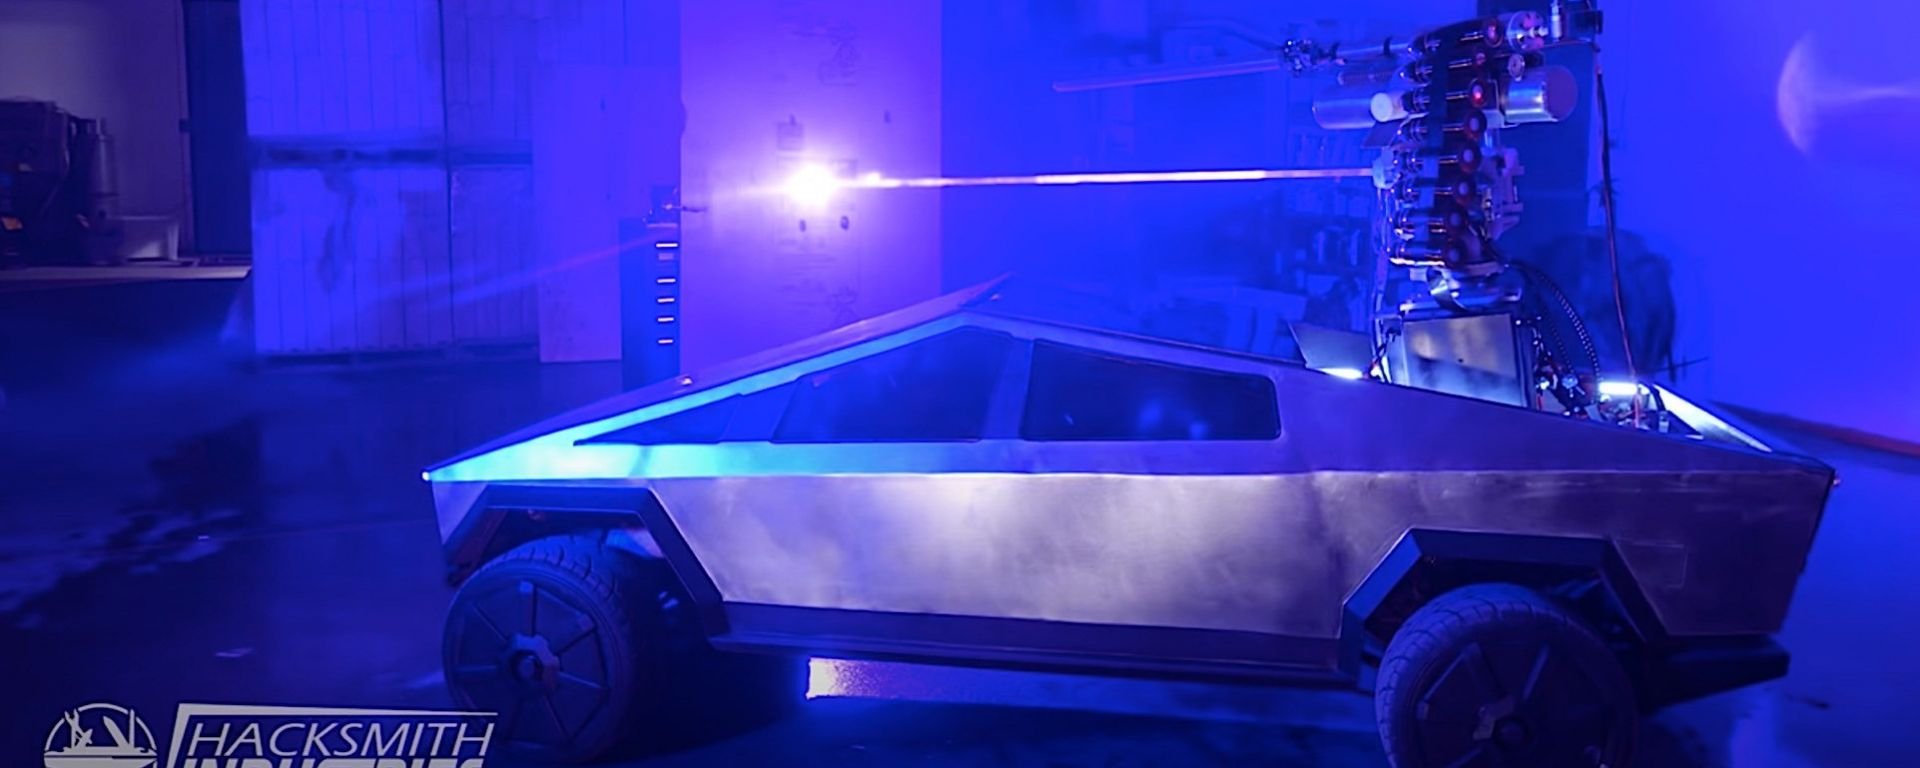 Mini Cybertruck: dettaglio del fascio laser